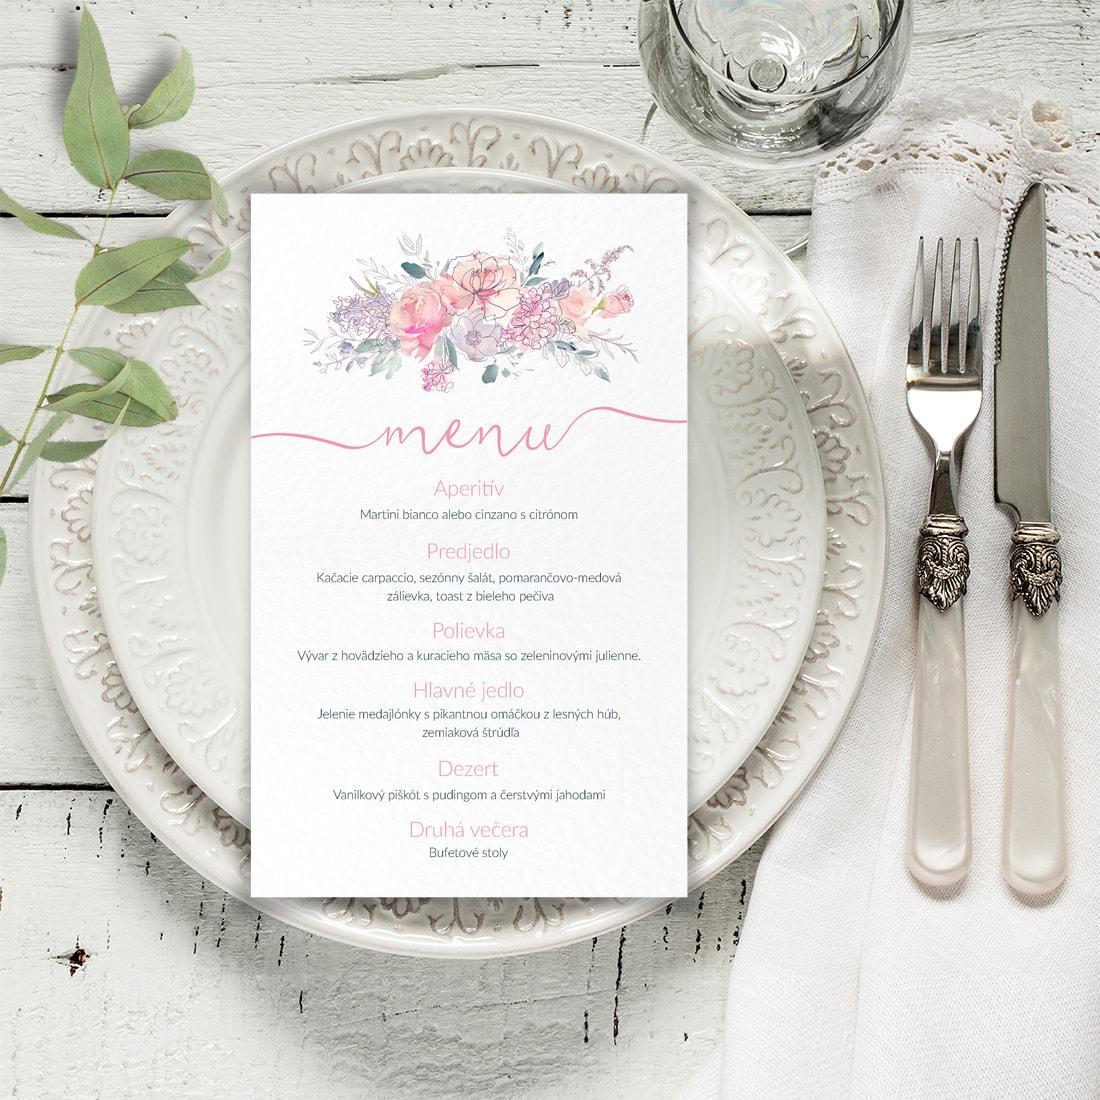 Svadobné menu - menu karta - Obrázok č. 2